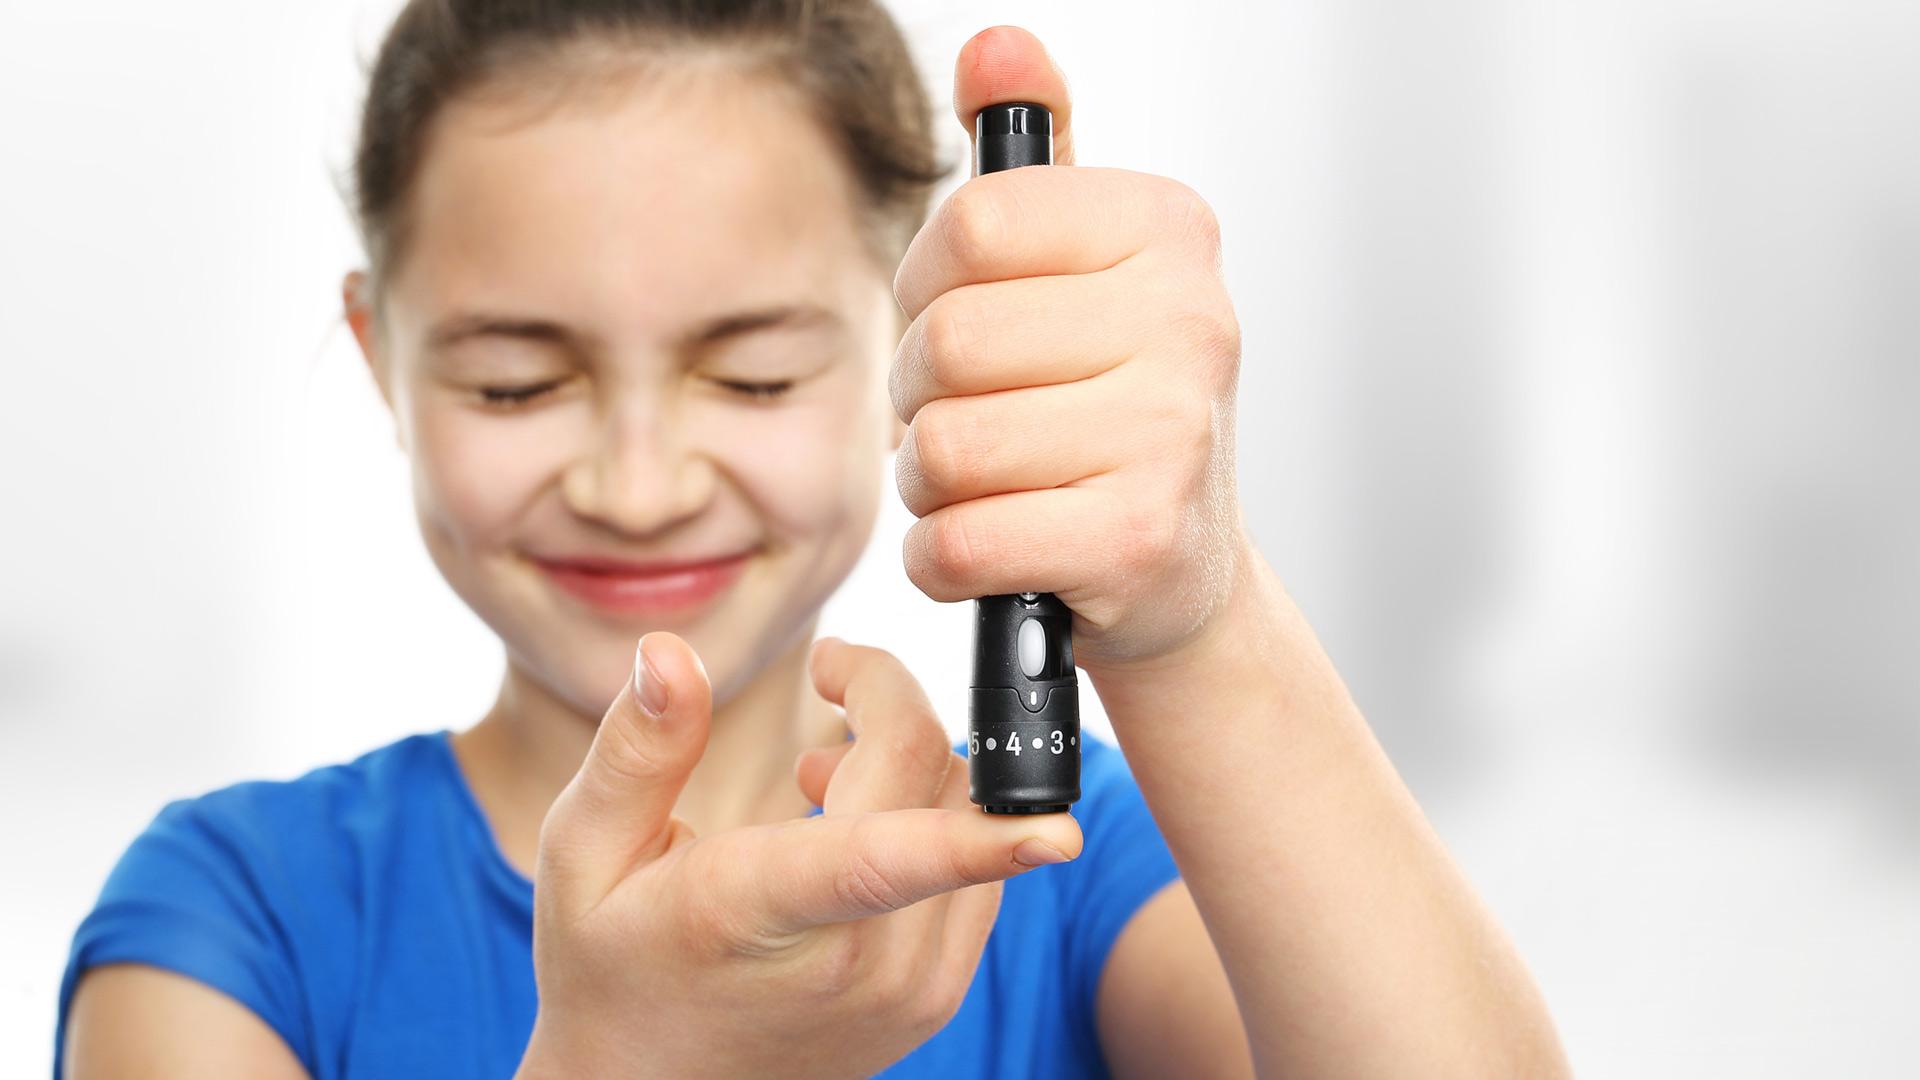 La falta de sueño puede aumentar el riesgo de diabetes en los niños